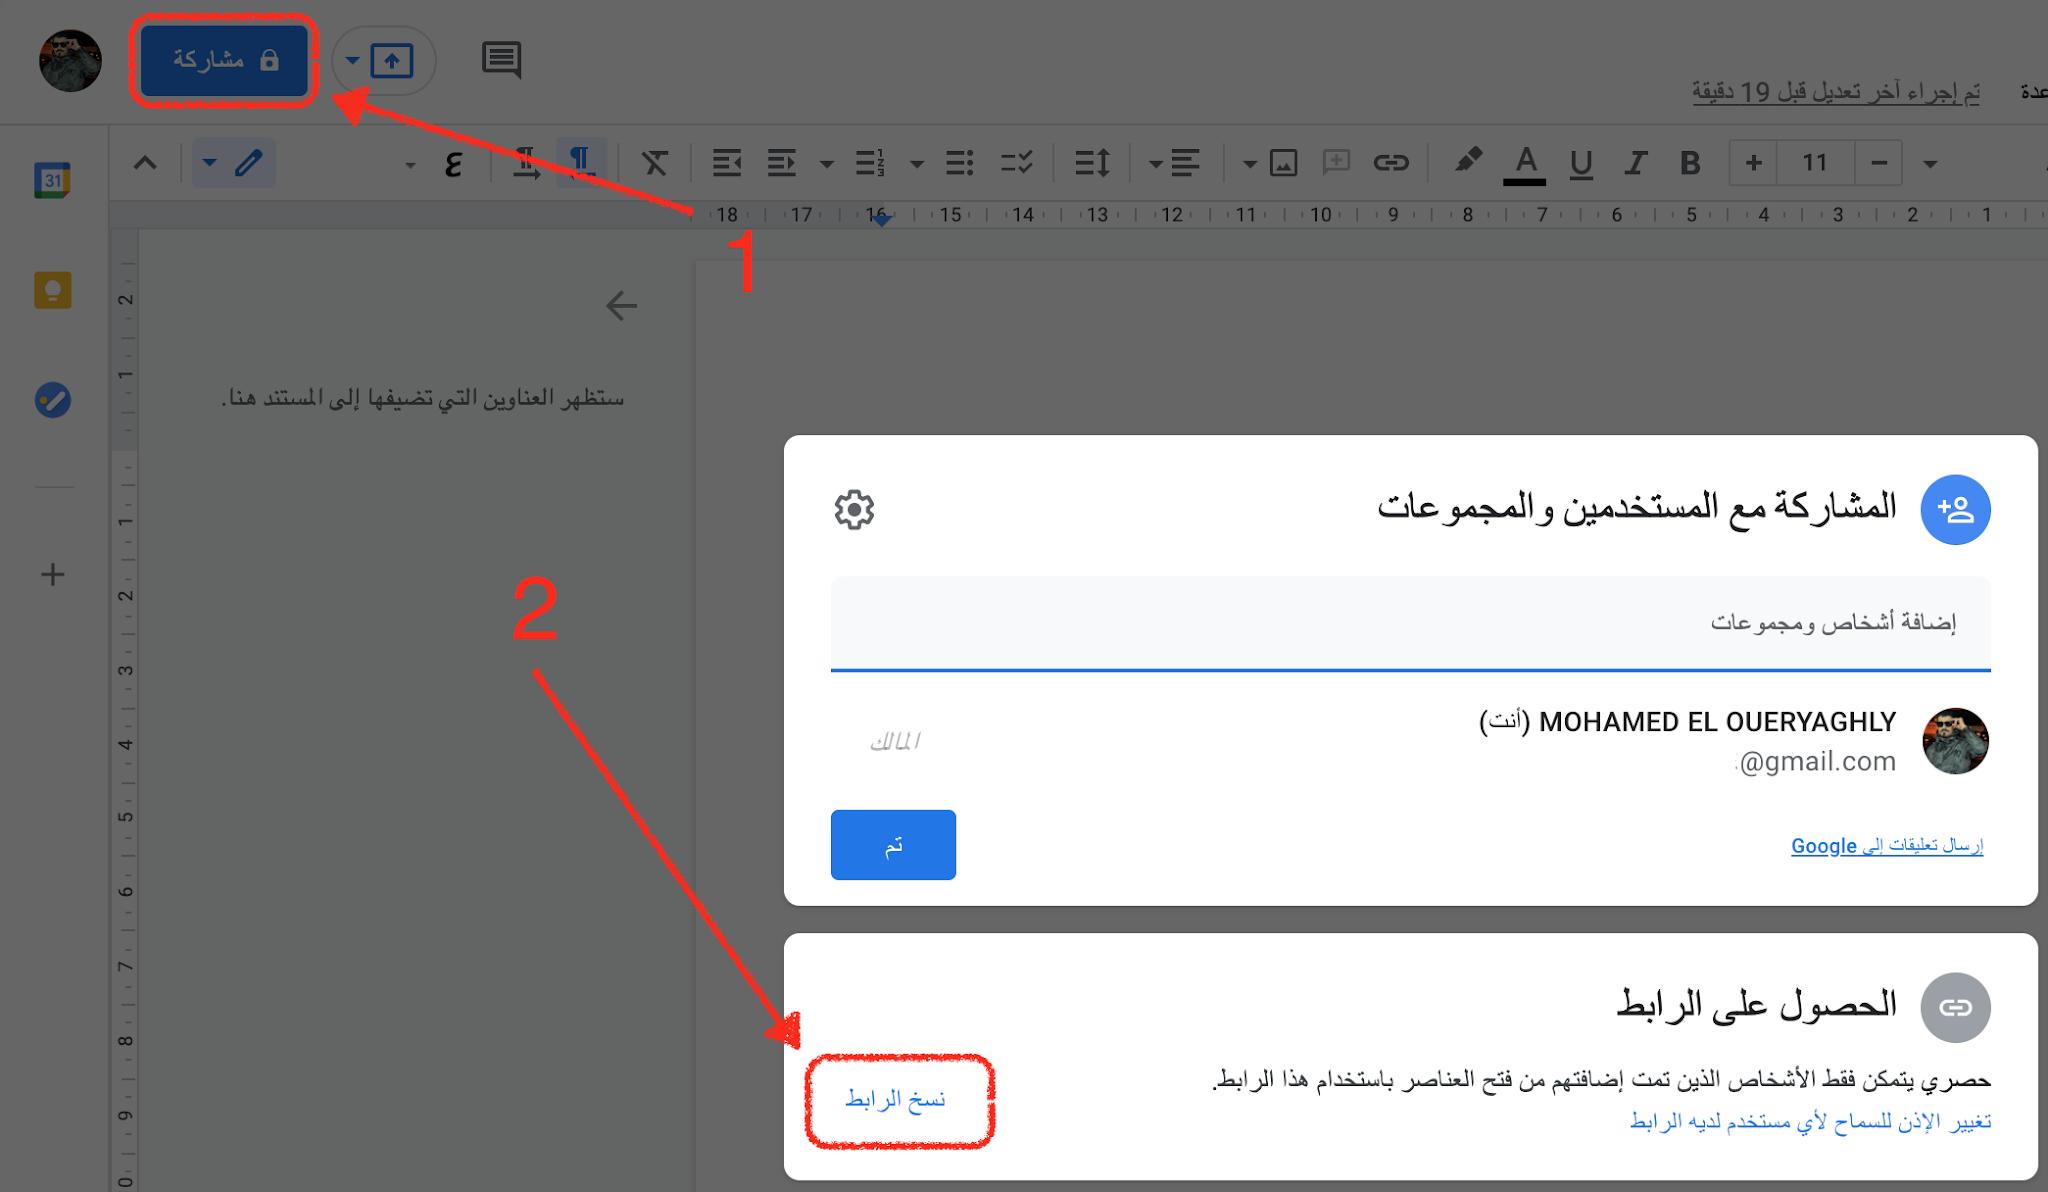 خطوات مشاركة مستندات جوجل بواسطة رابط